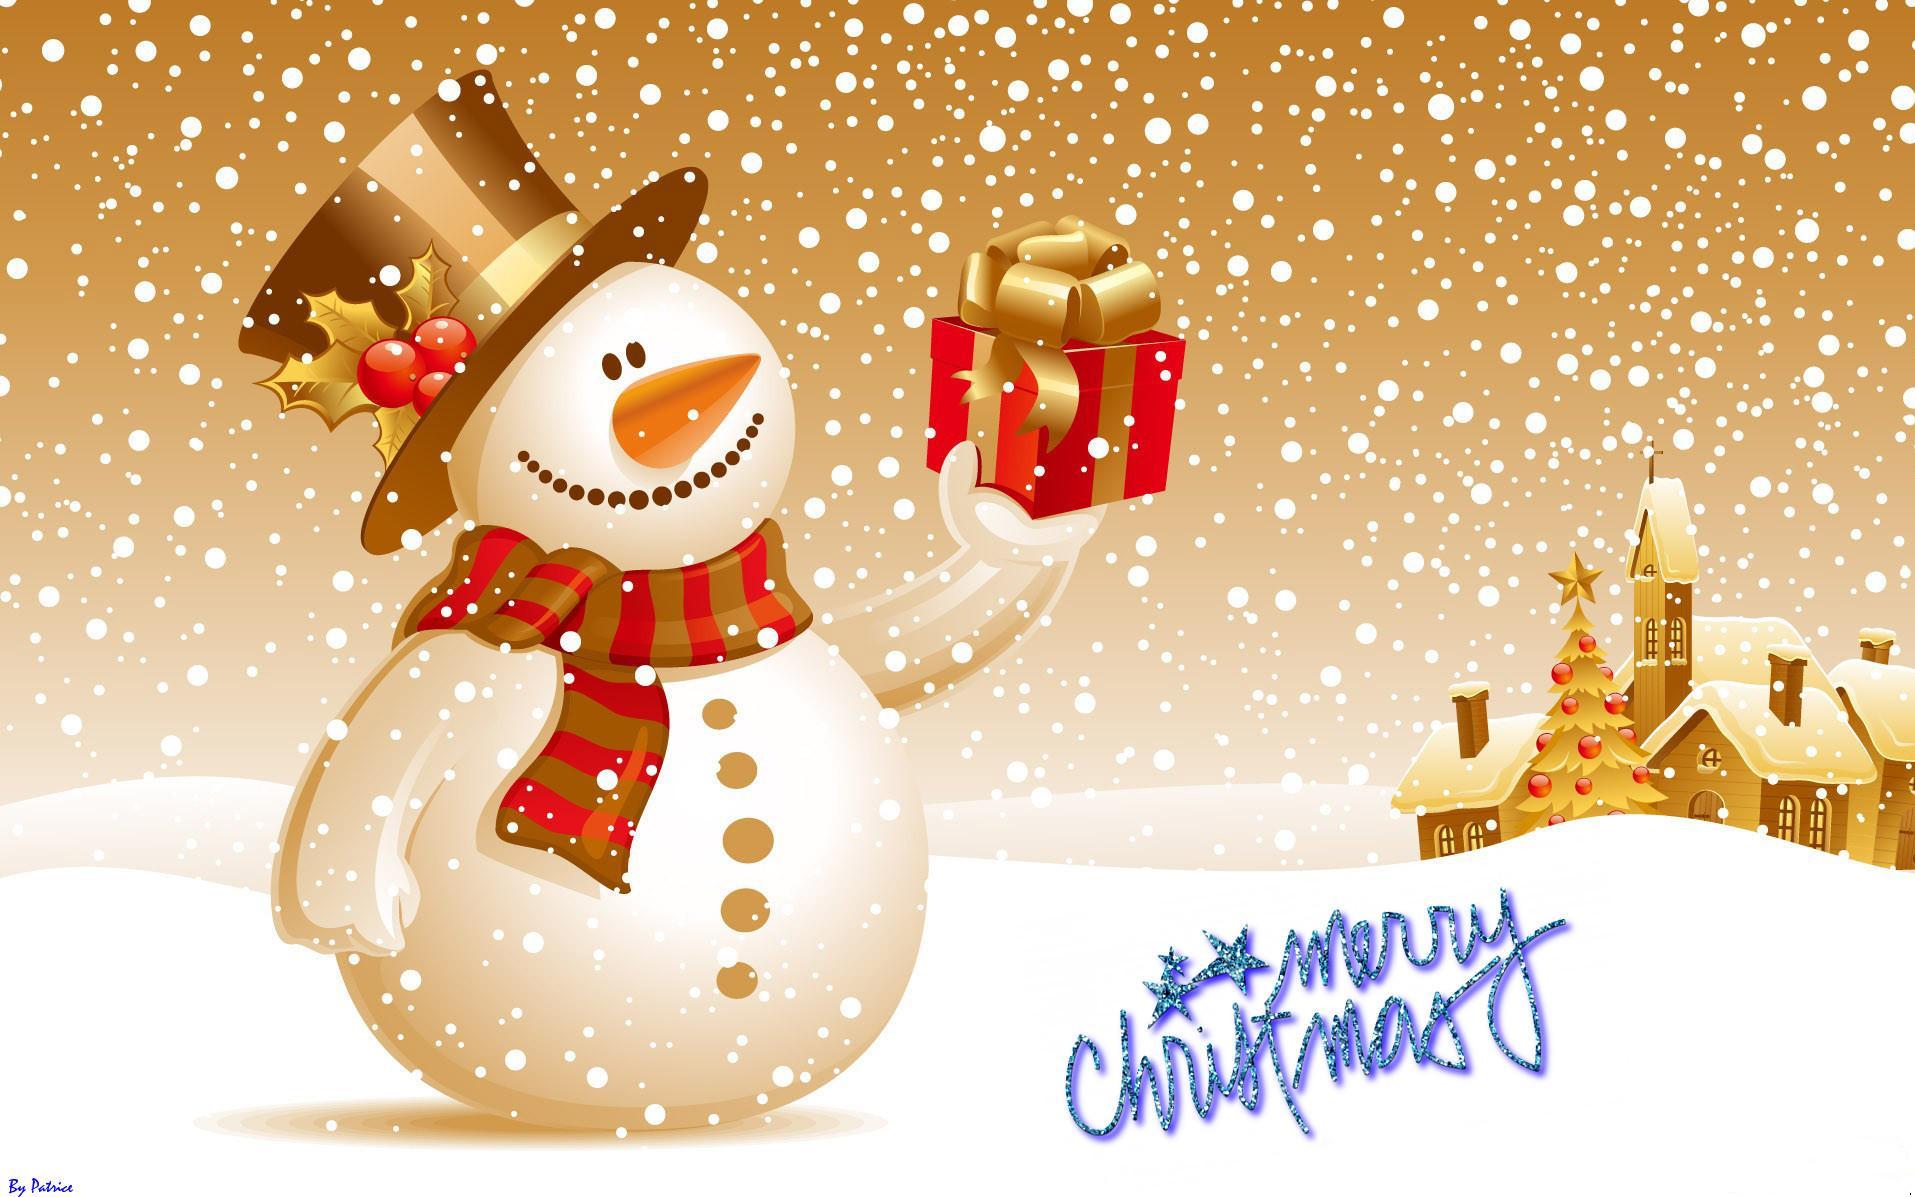 Cute Snowman Merry Christmas Images Wallpaper 7426 Wallpaper computer 1915x1197